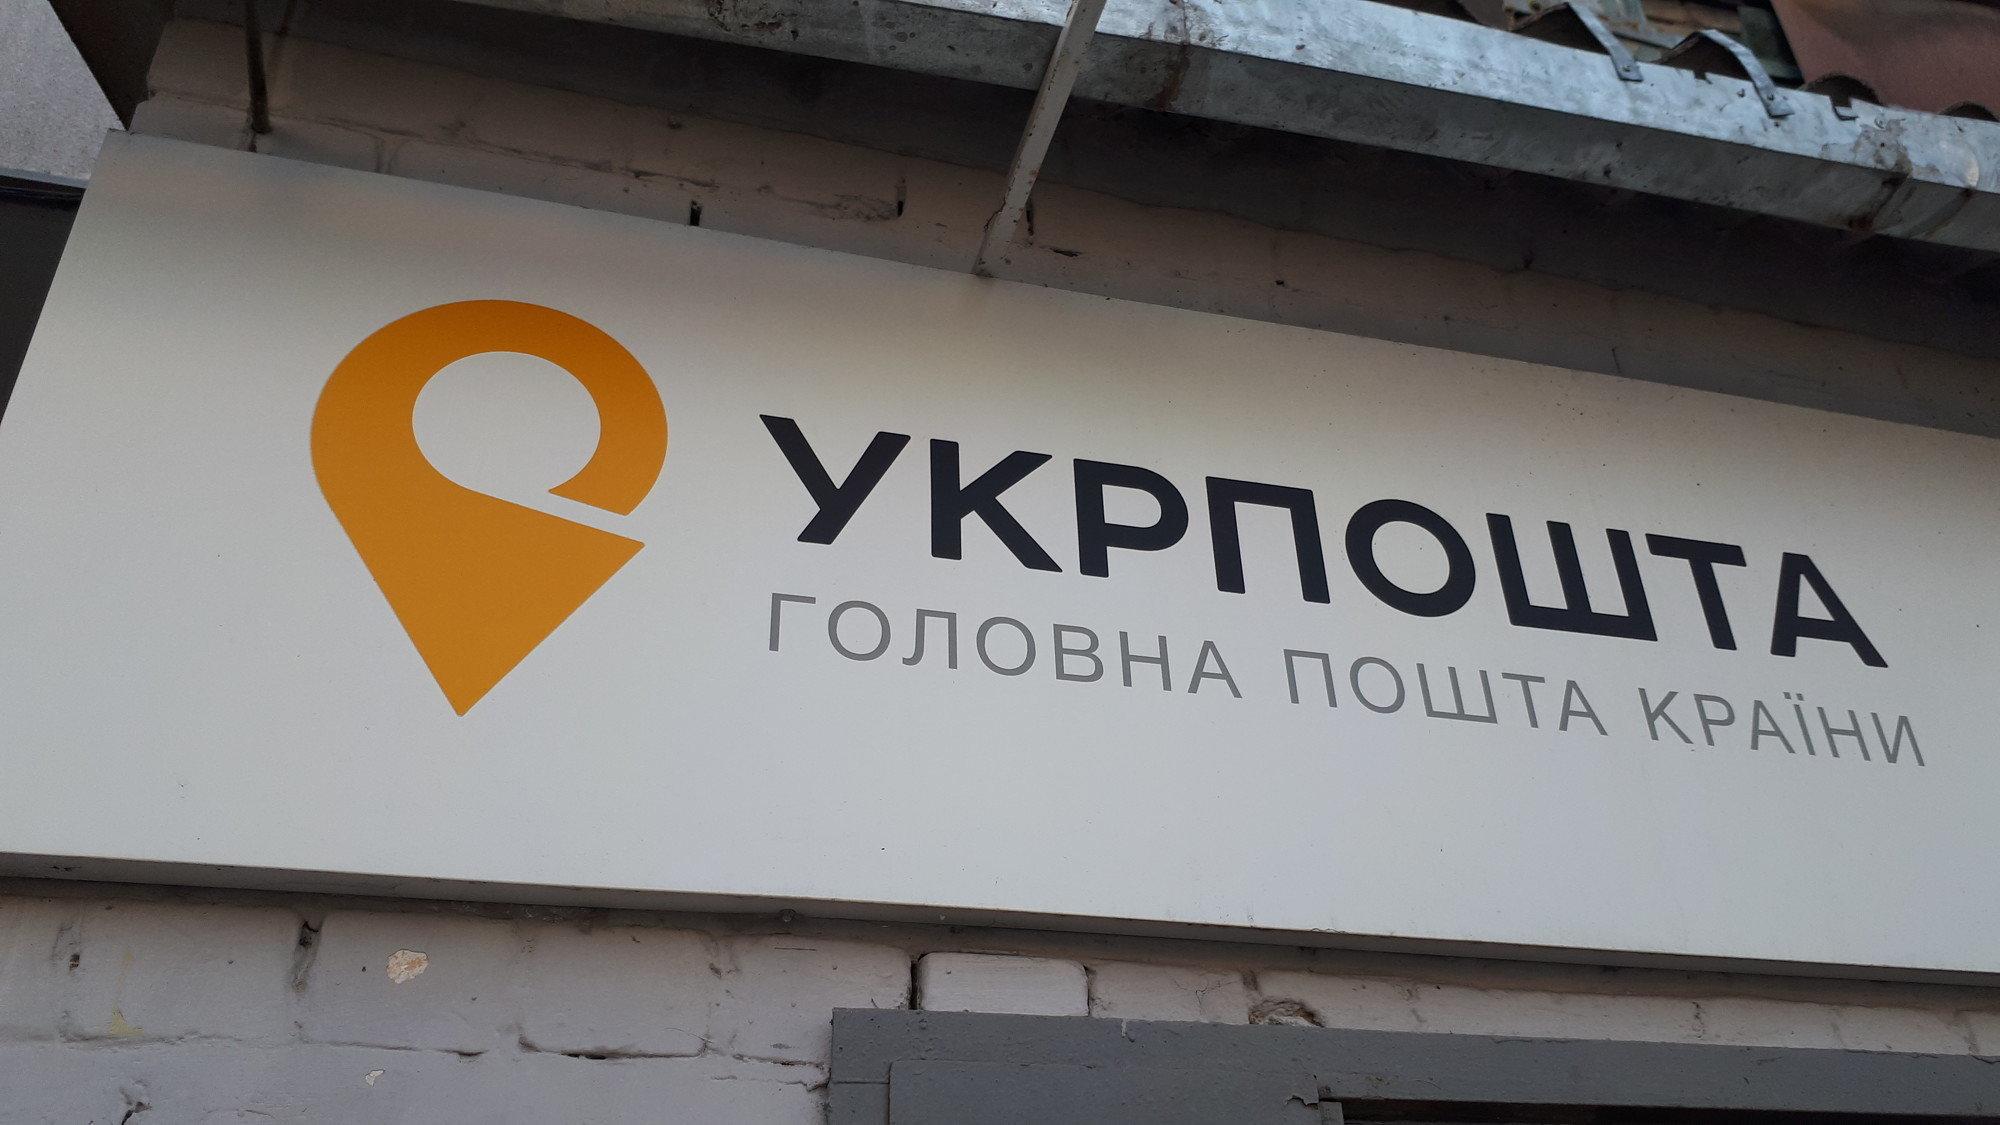 """""""Укрпошта"""" продолжит работу во время карантина выходного дня"""